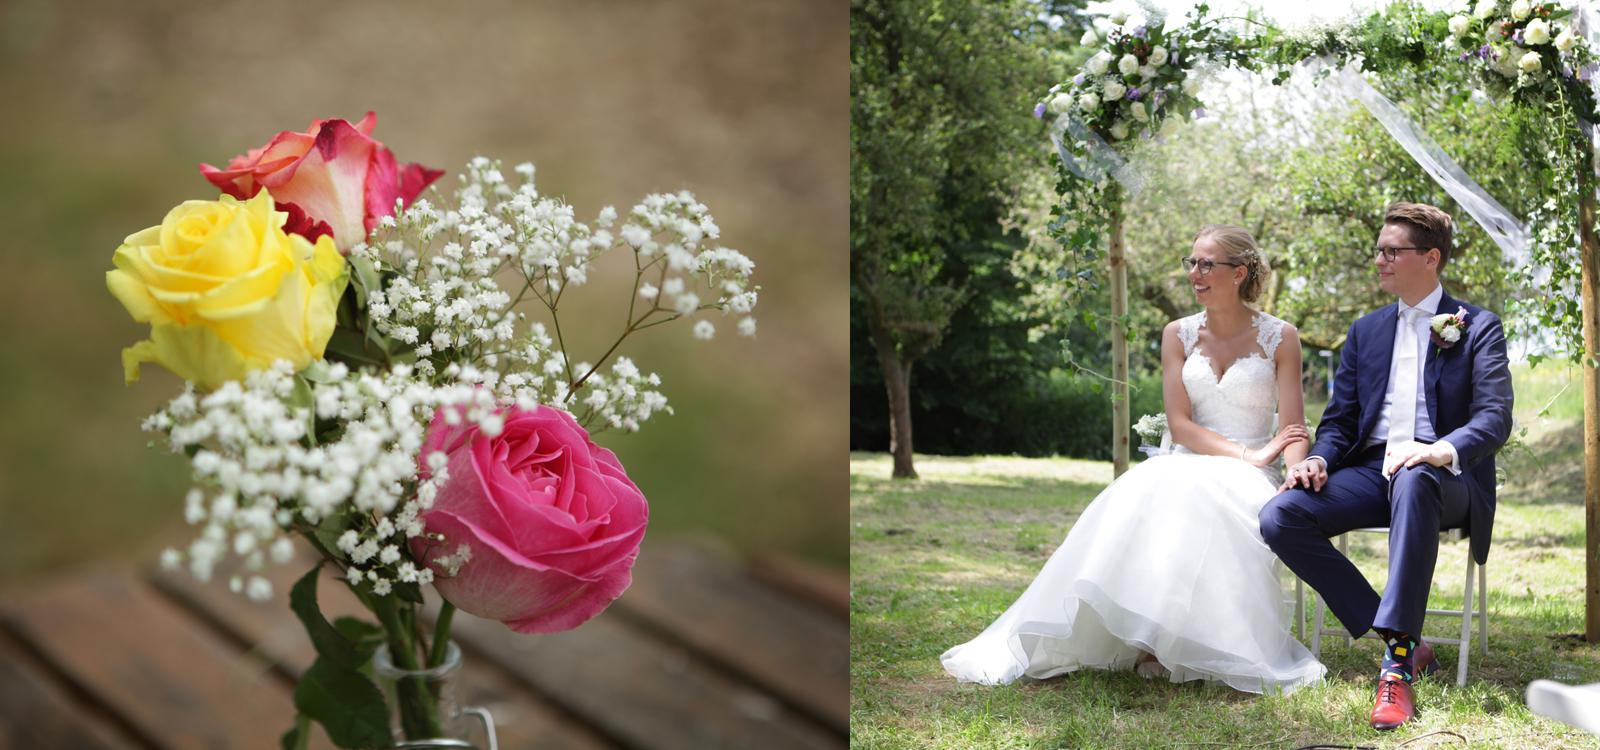 Huwelijksfotografie van een huwelijk tussen de bomen. Het bruidspaar zit onder een bloemenpoort.